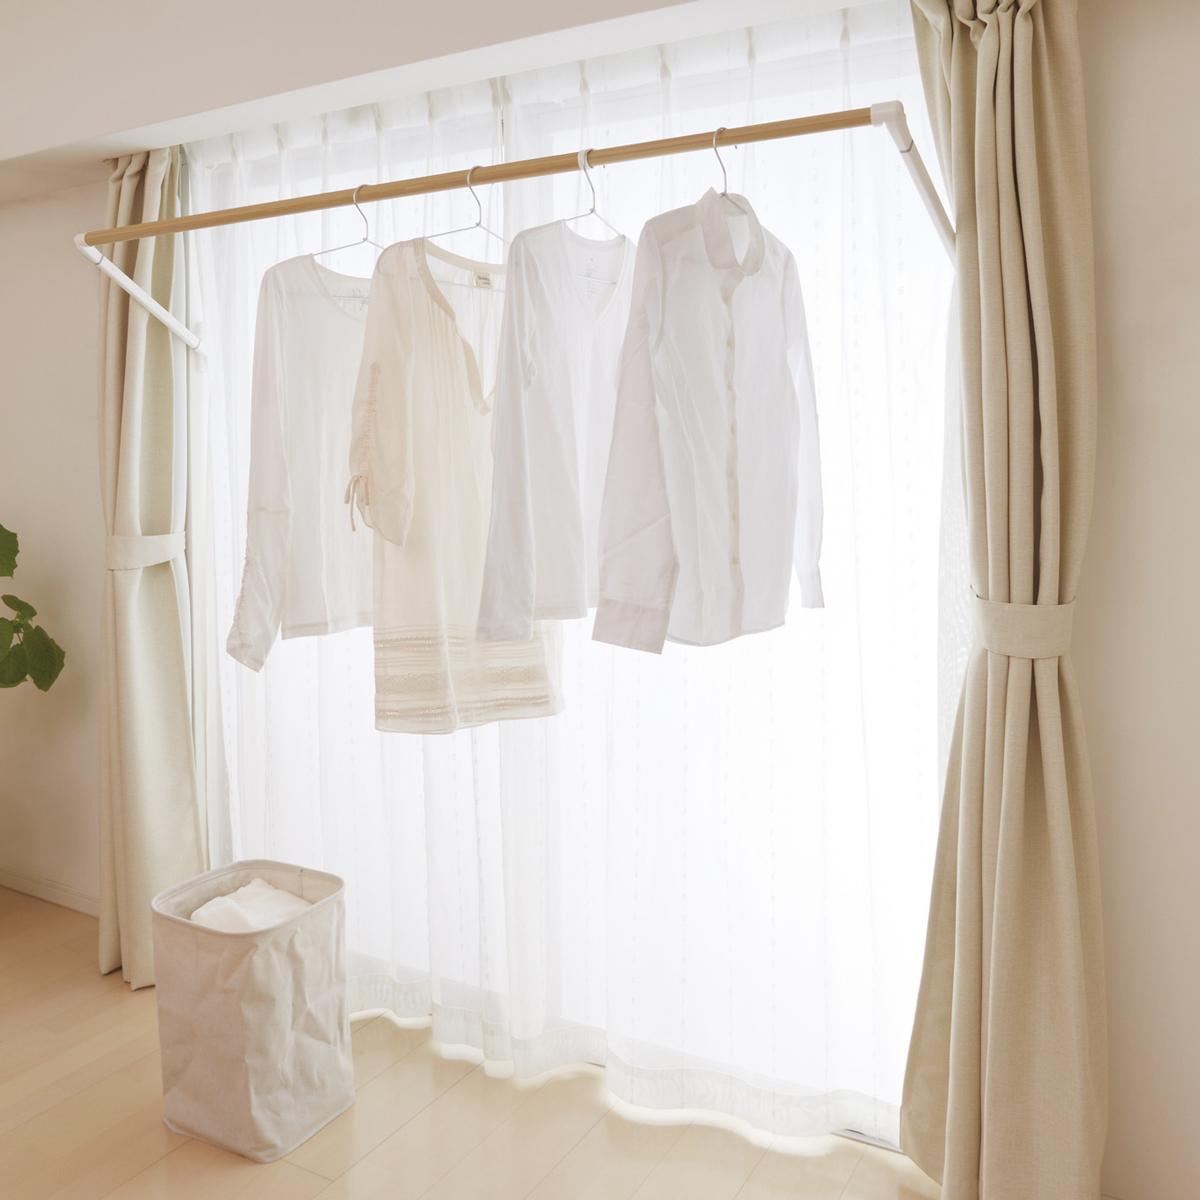 花粉飛散のピーク時は洗濯物を室内に干す(窓枠設置型の物干しシステムSORAIE)|備えあれば憂いなし。花粉症対策は日頃から簡単に。食事や掃除など、すぐに取り組める花粉症対策6選